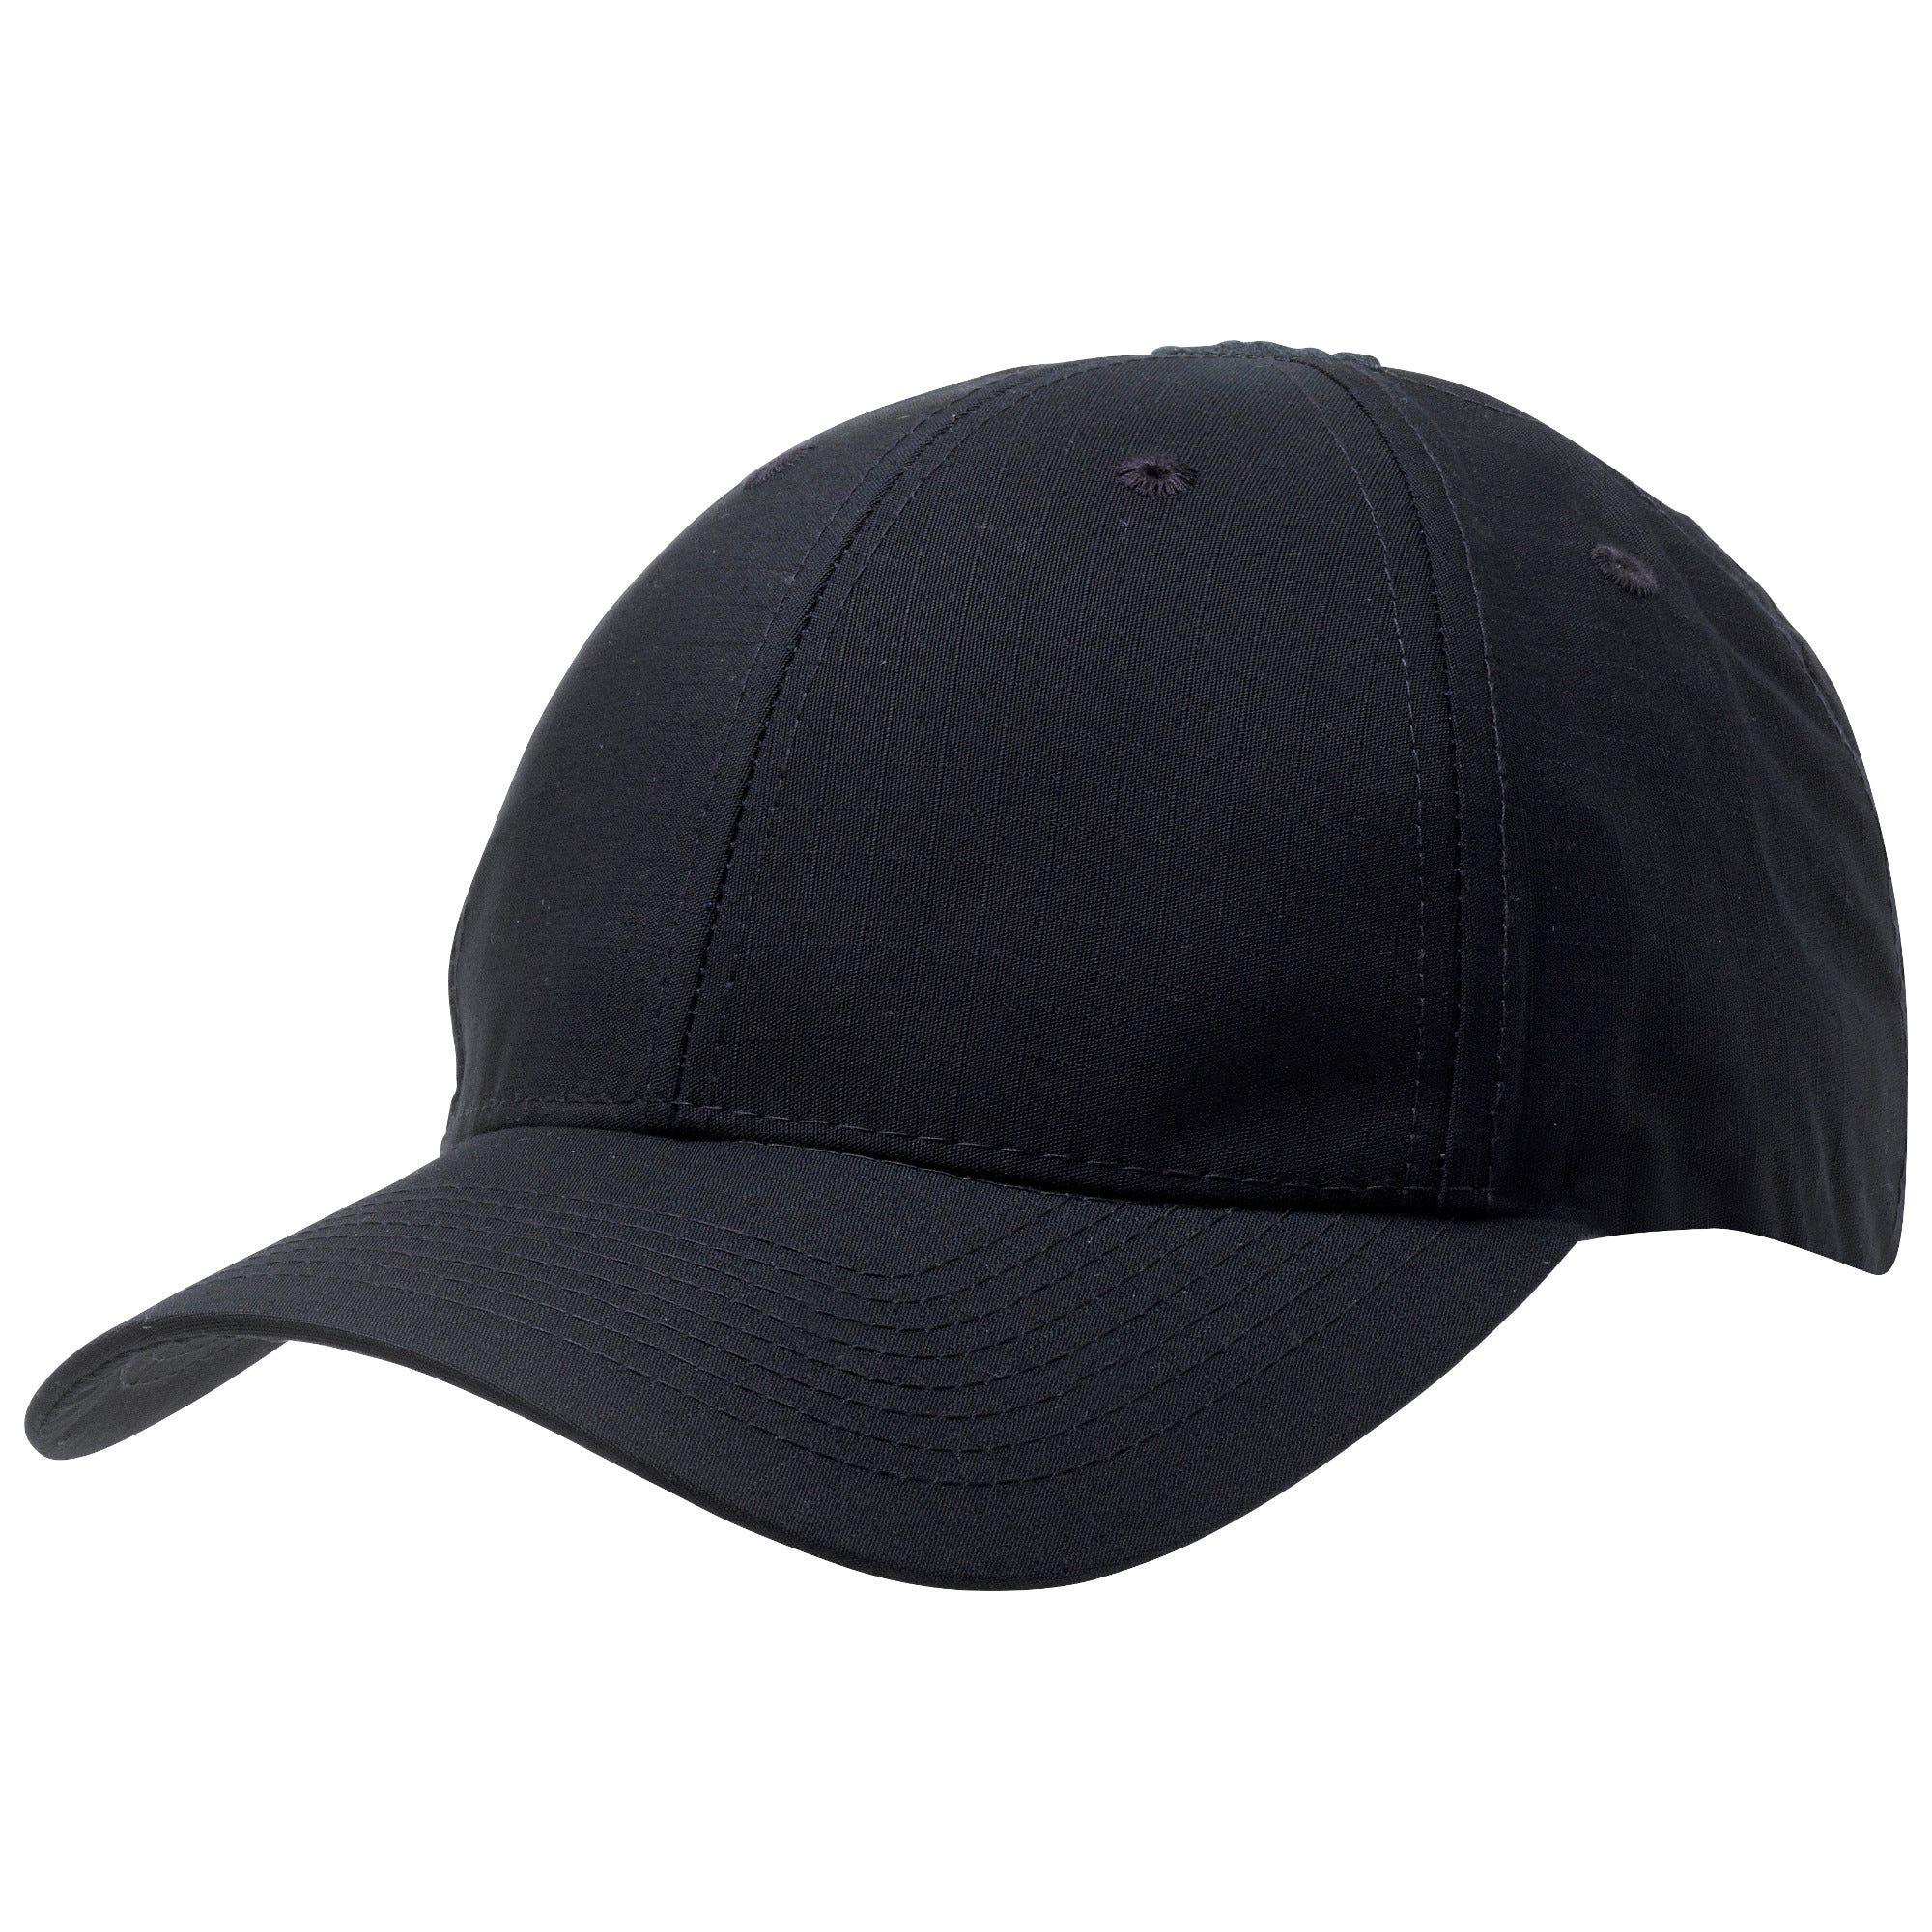 5.11 Tactical Men's TACLITE Uniform Cap (Blue) thumbnail